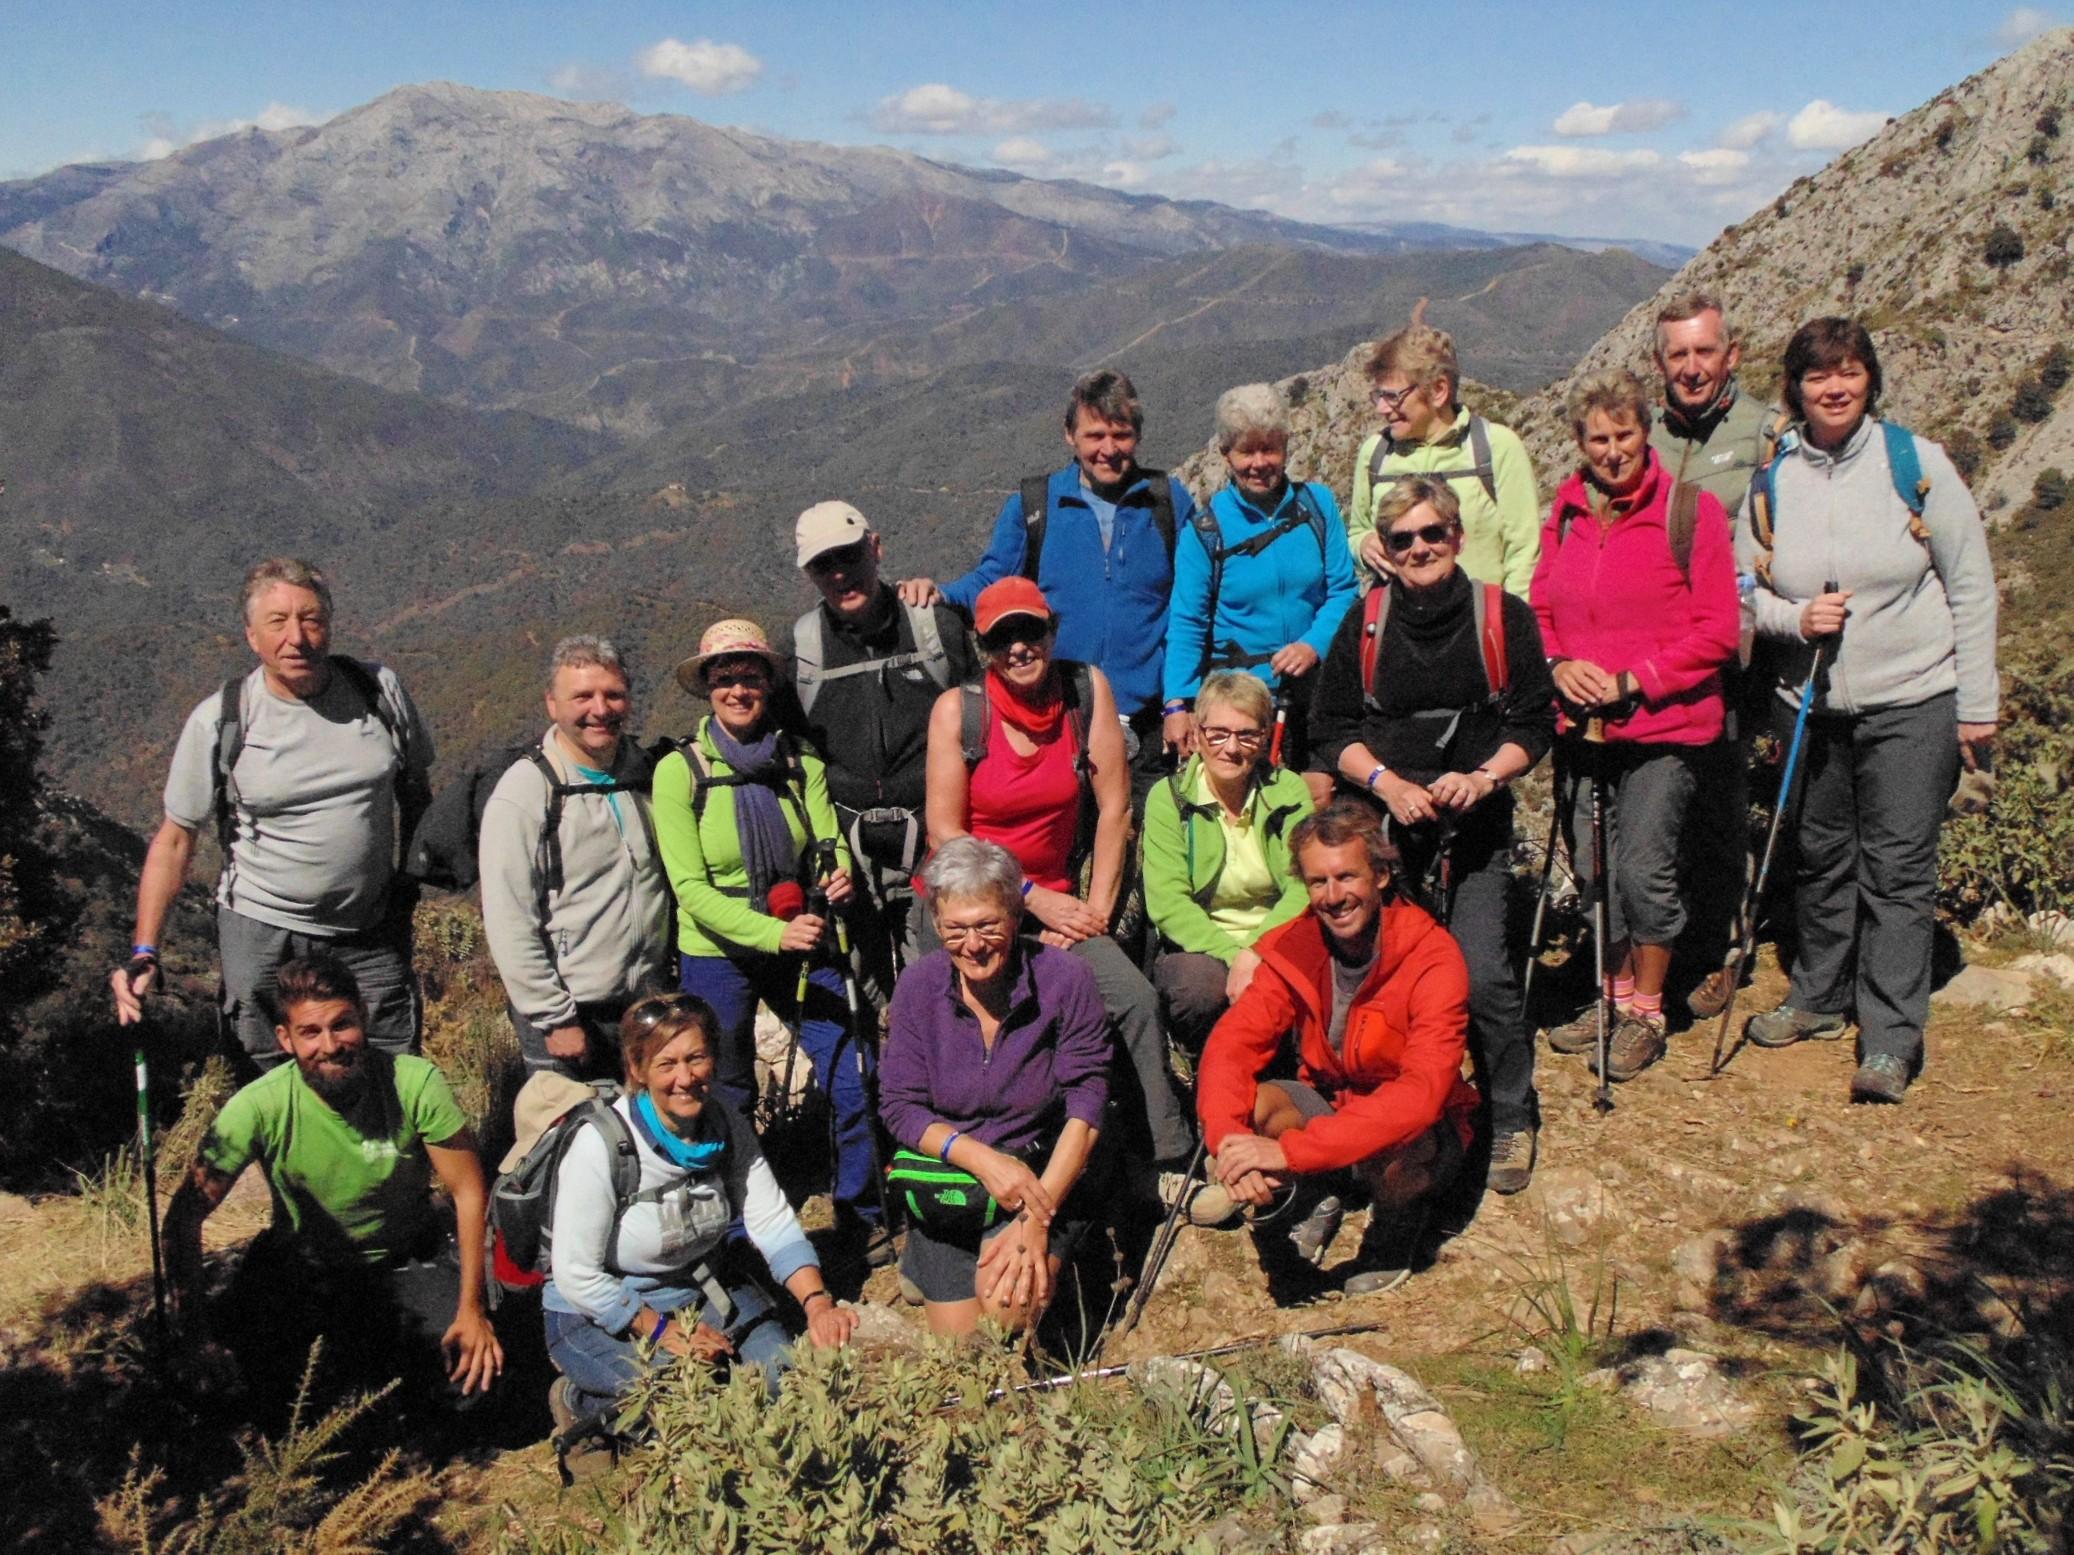 Hiking Cañada del Infierno